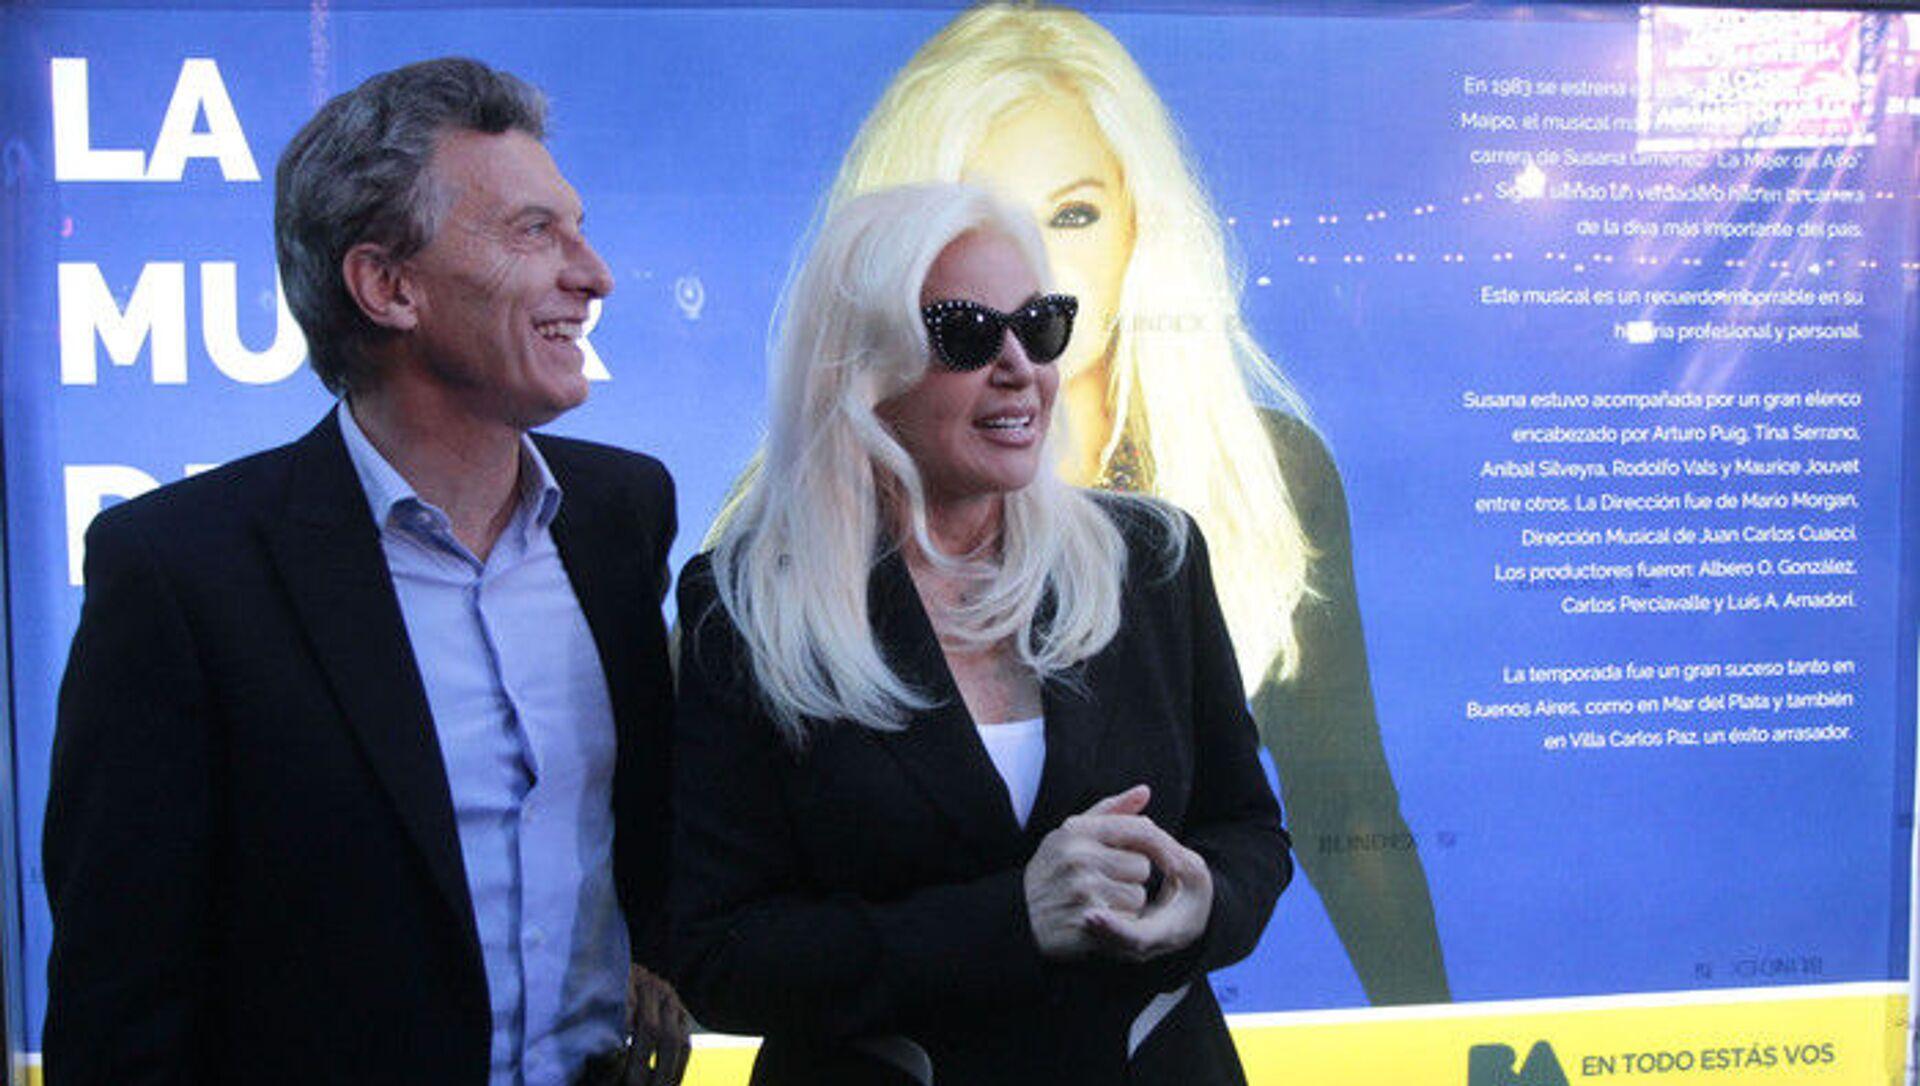 La estrella de televisión argentina Susana Giménez junto a Mauricio Macri en 2015 - Sputnik Mundo, 1920, 27.05.2020